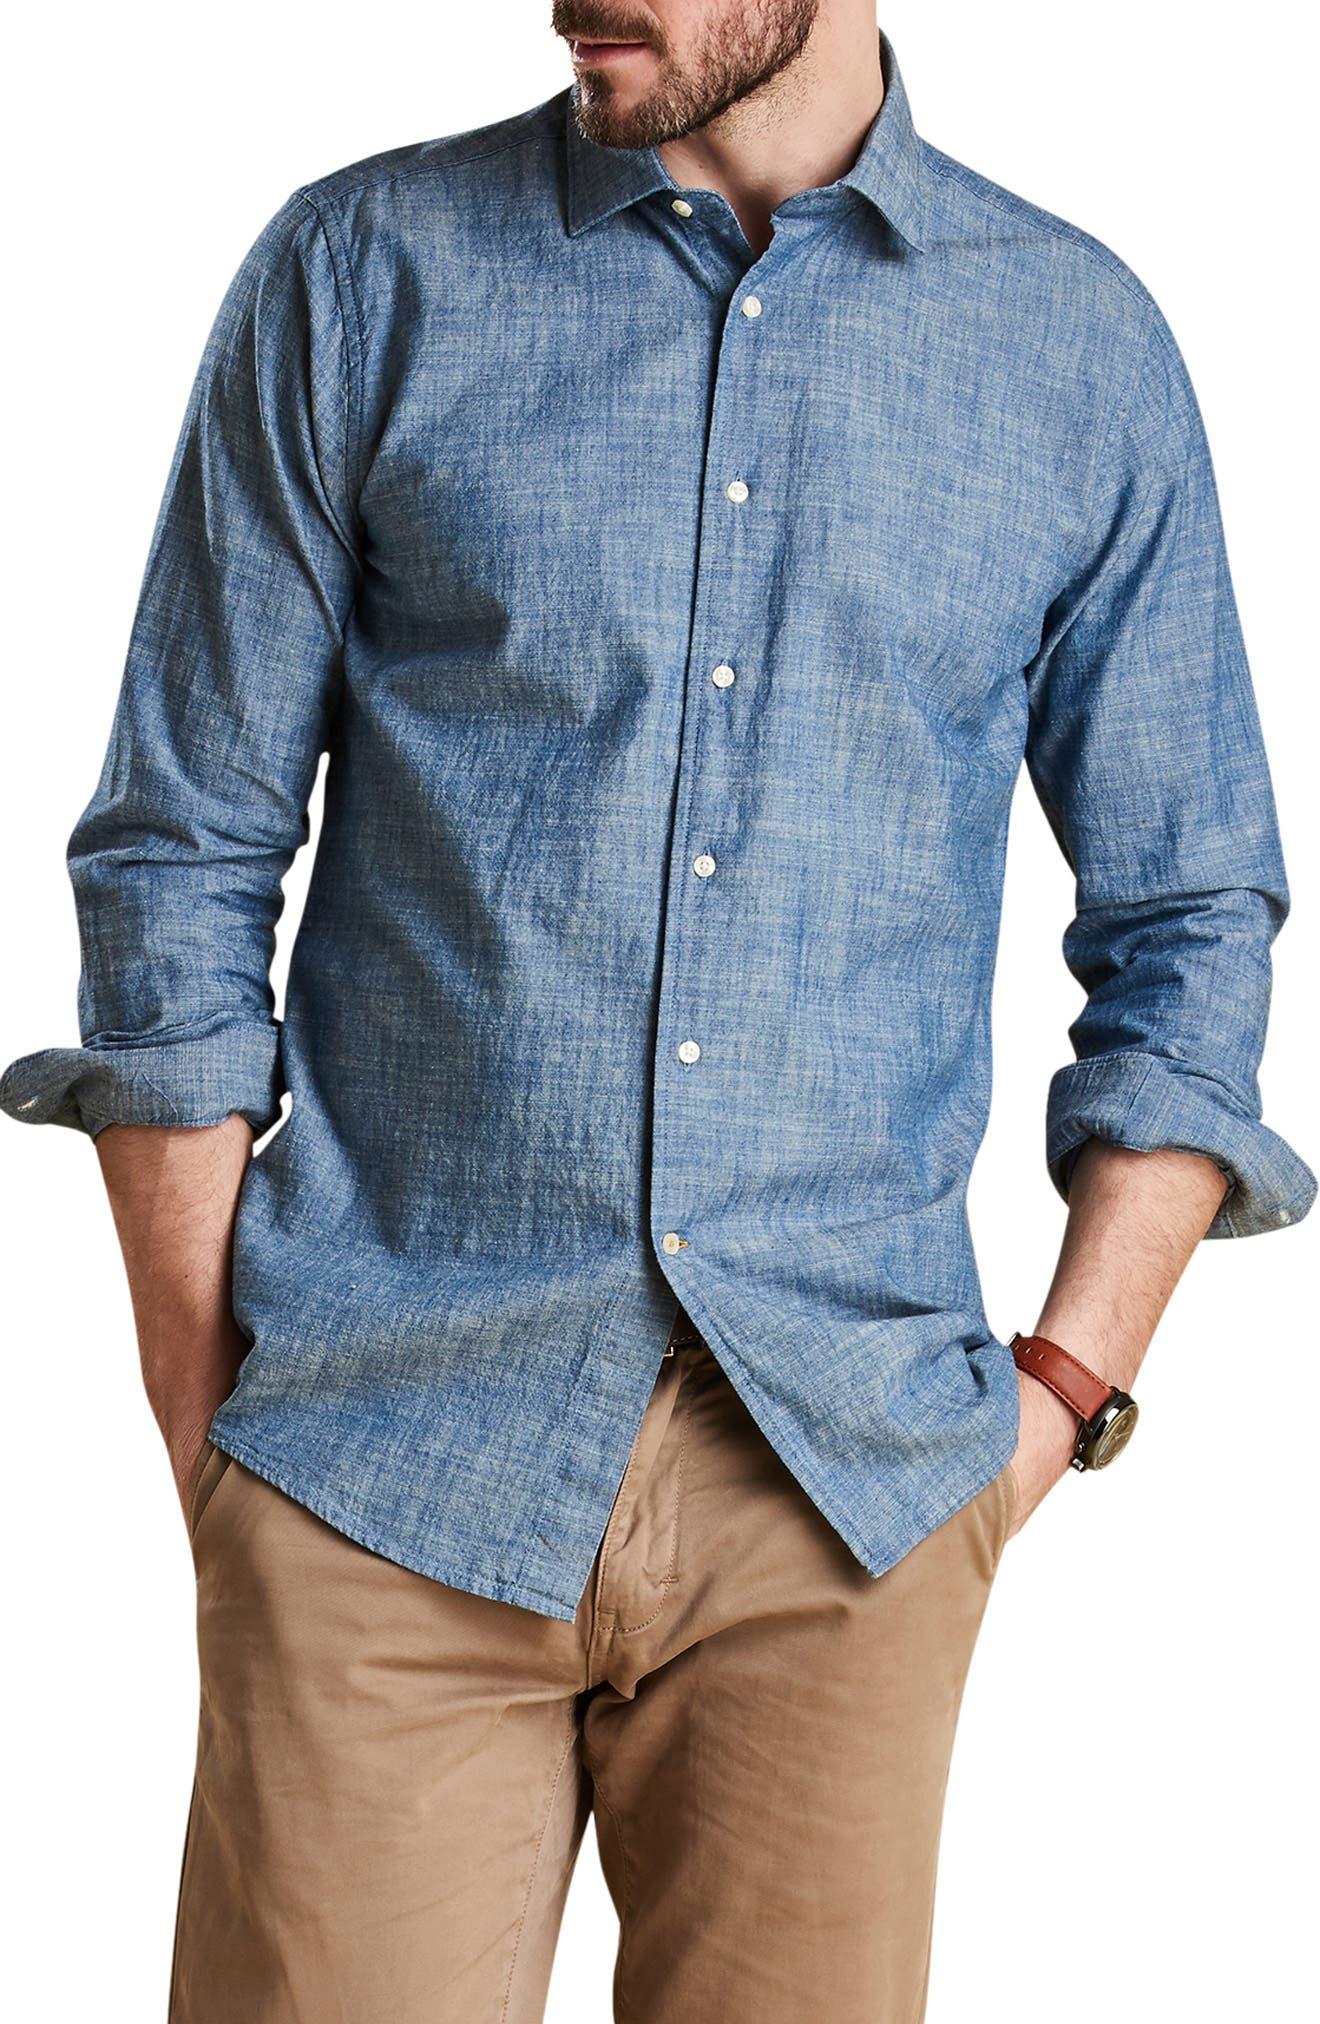 Highfield Chambray Shirt,                         Main,                         color, INDIGO